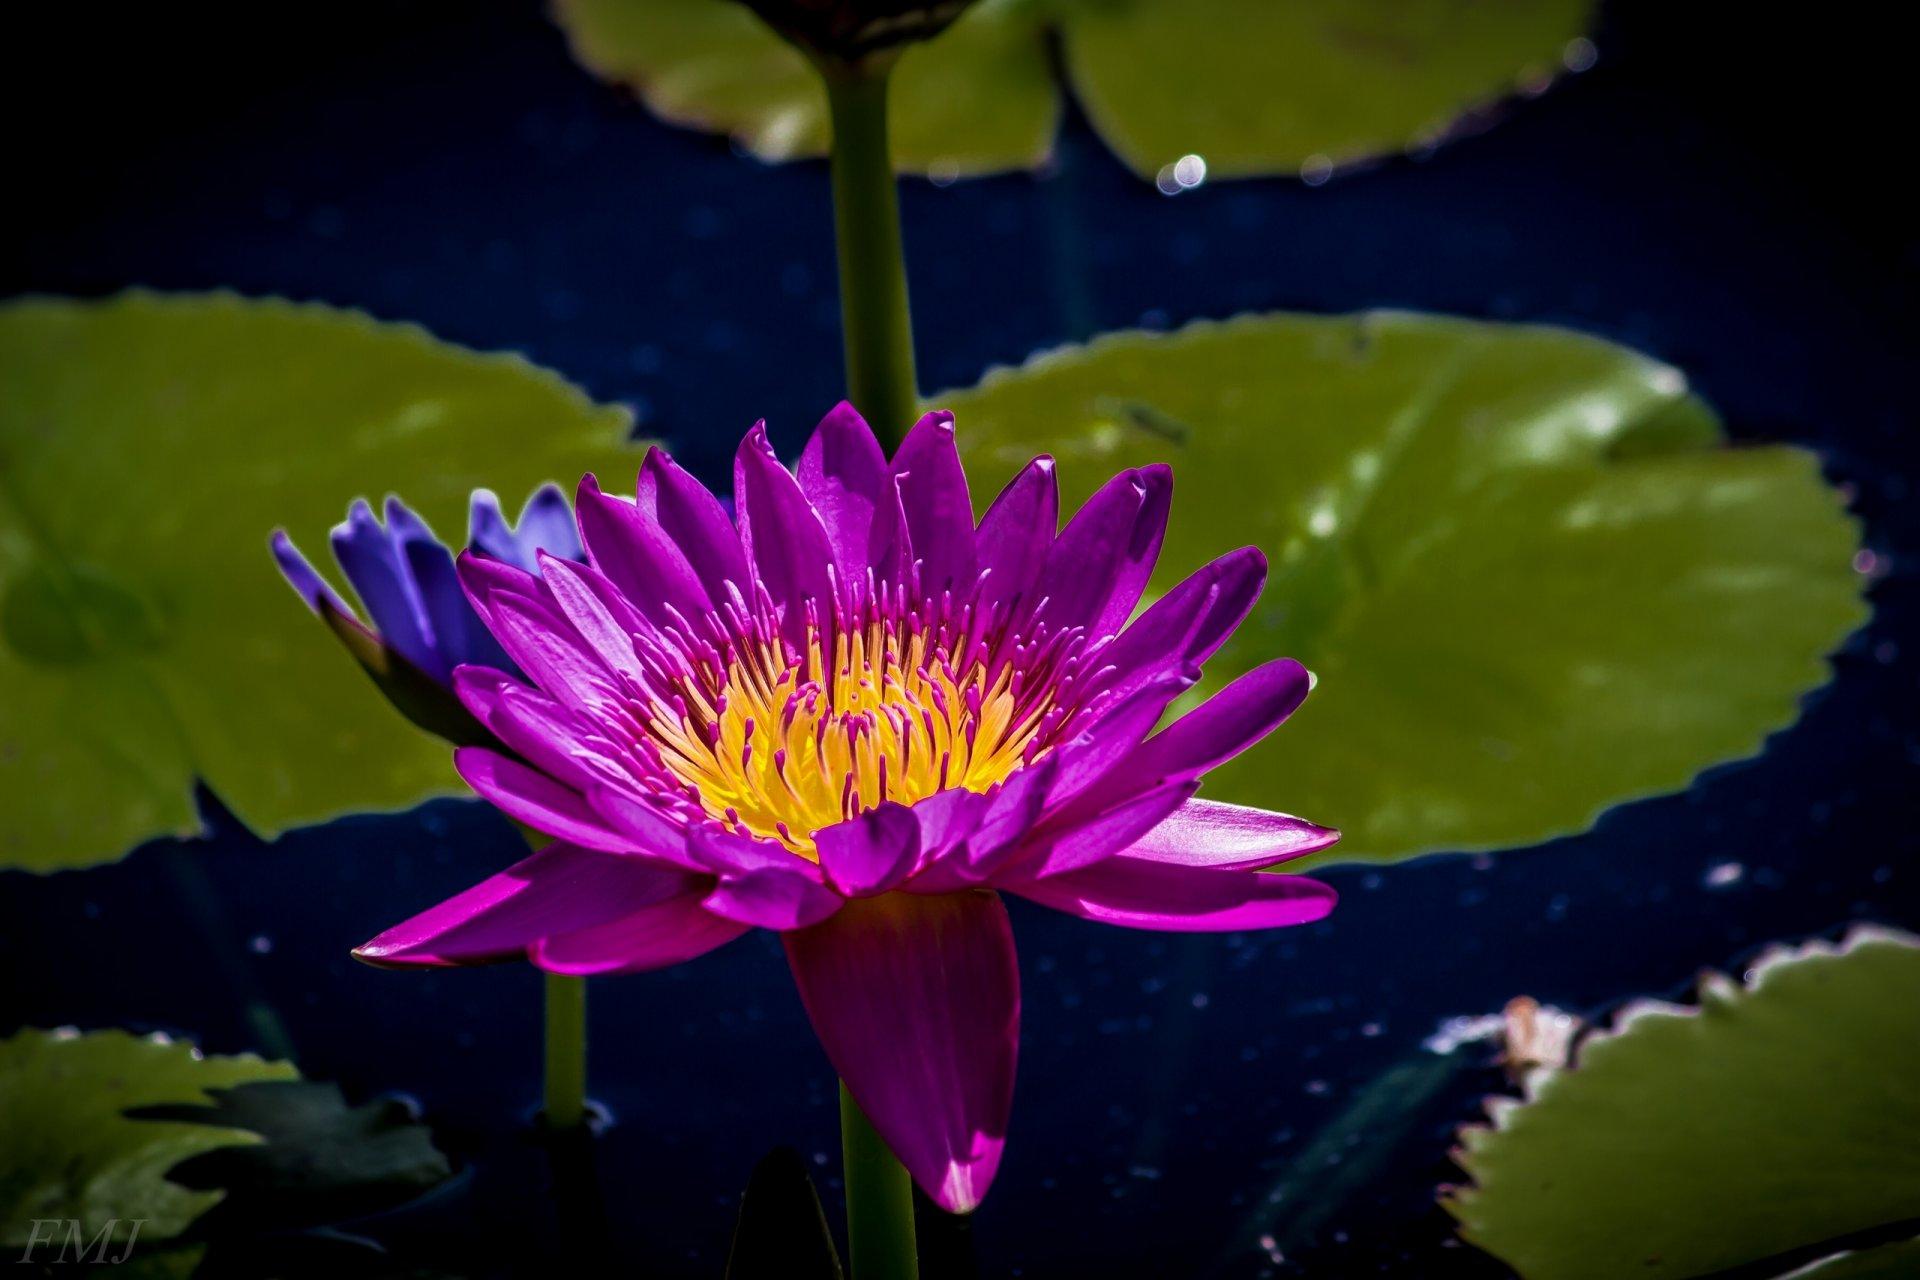 люблю водяные лилии и лотос картинки его